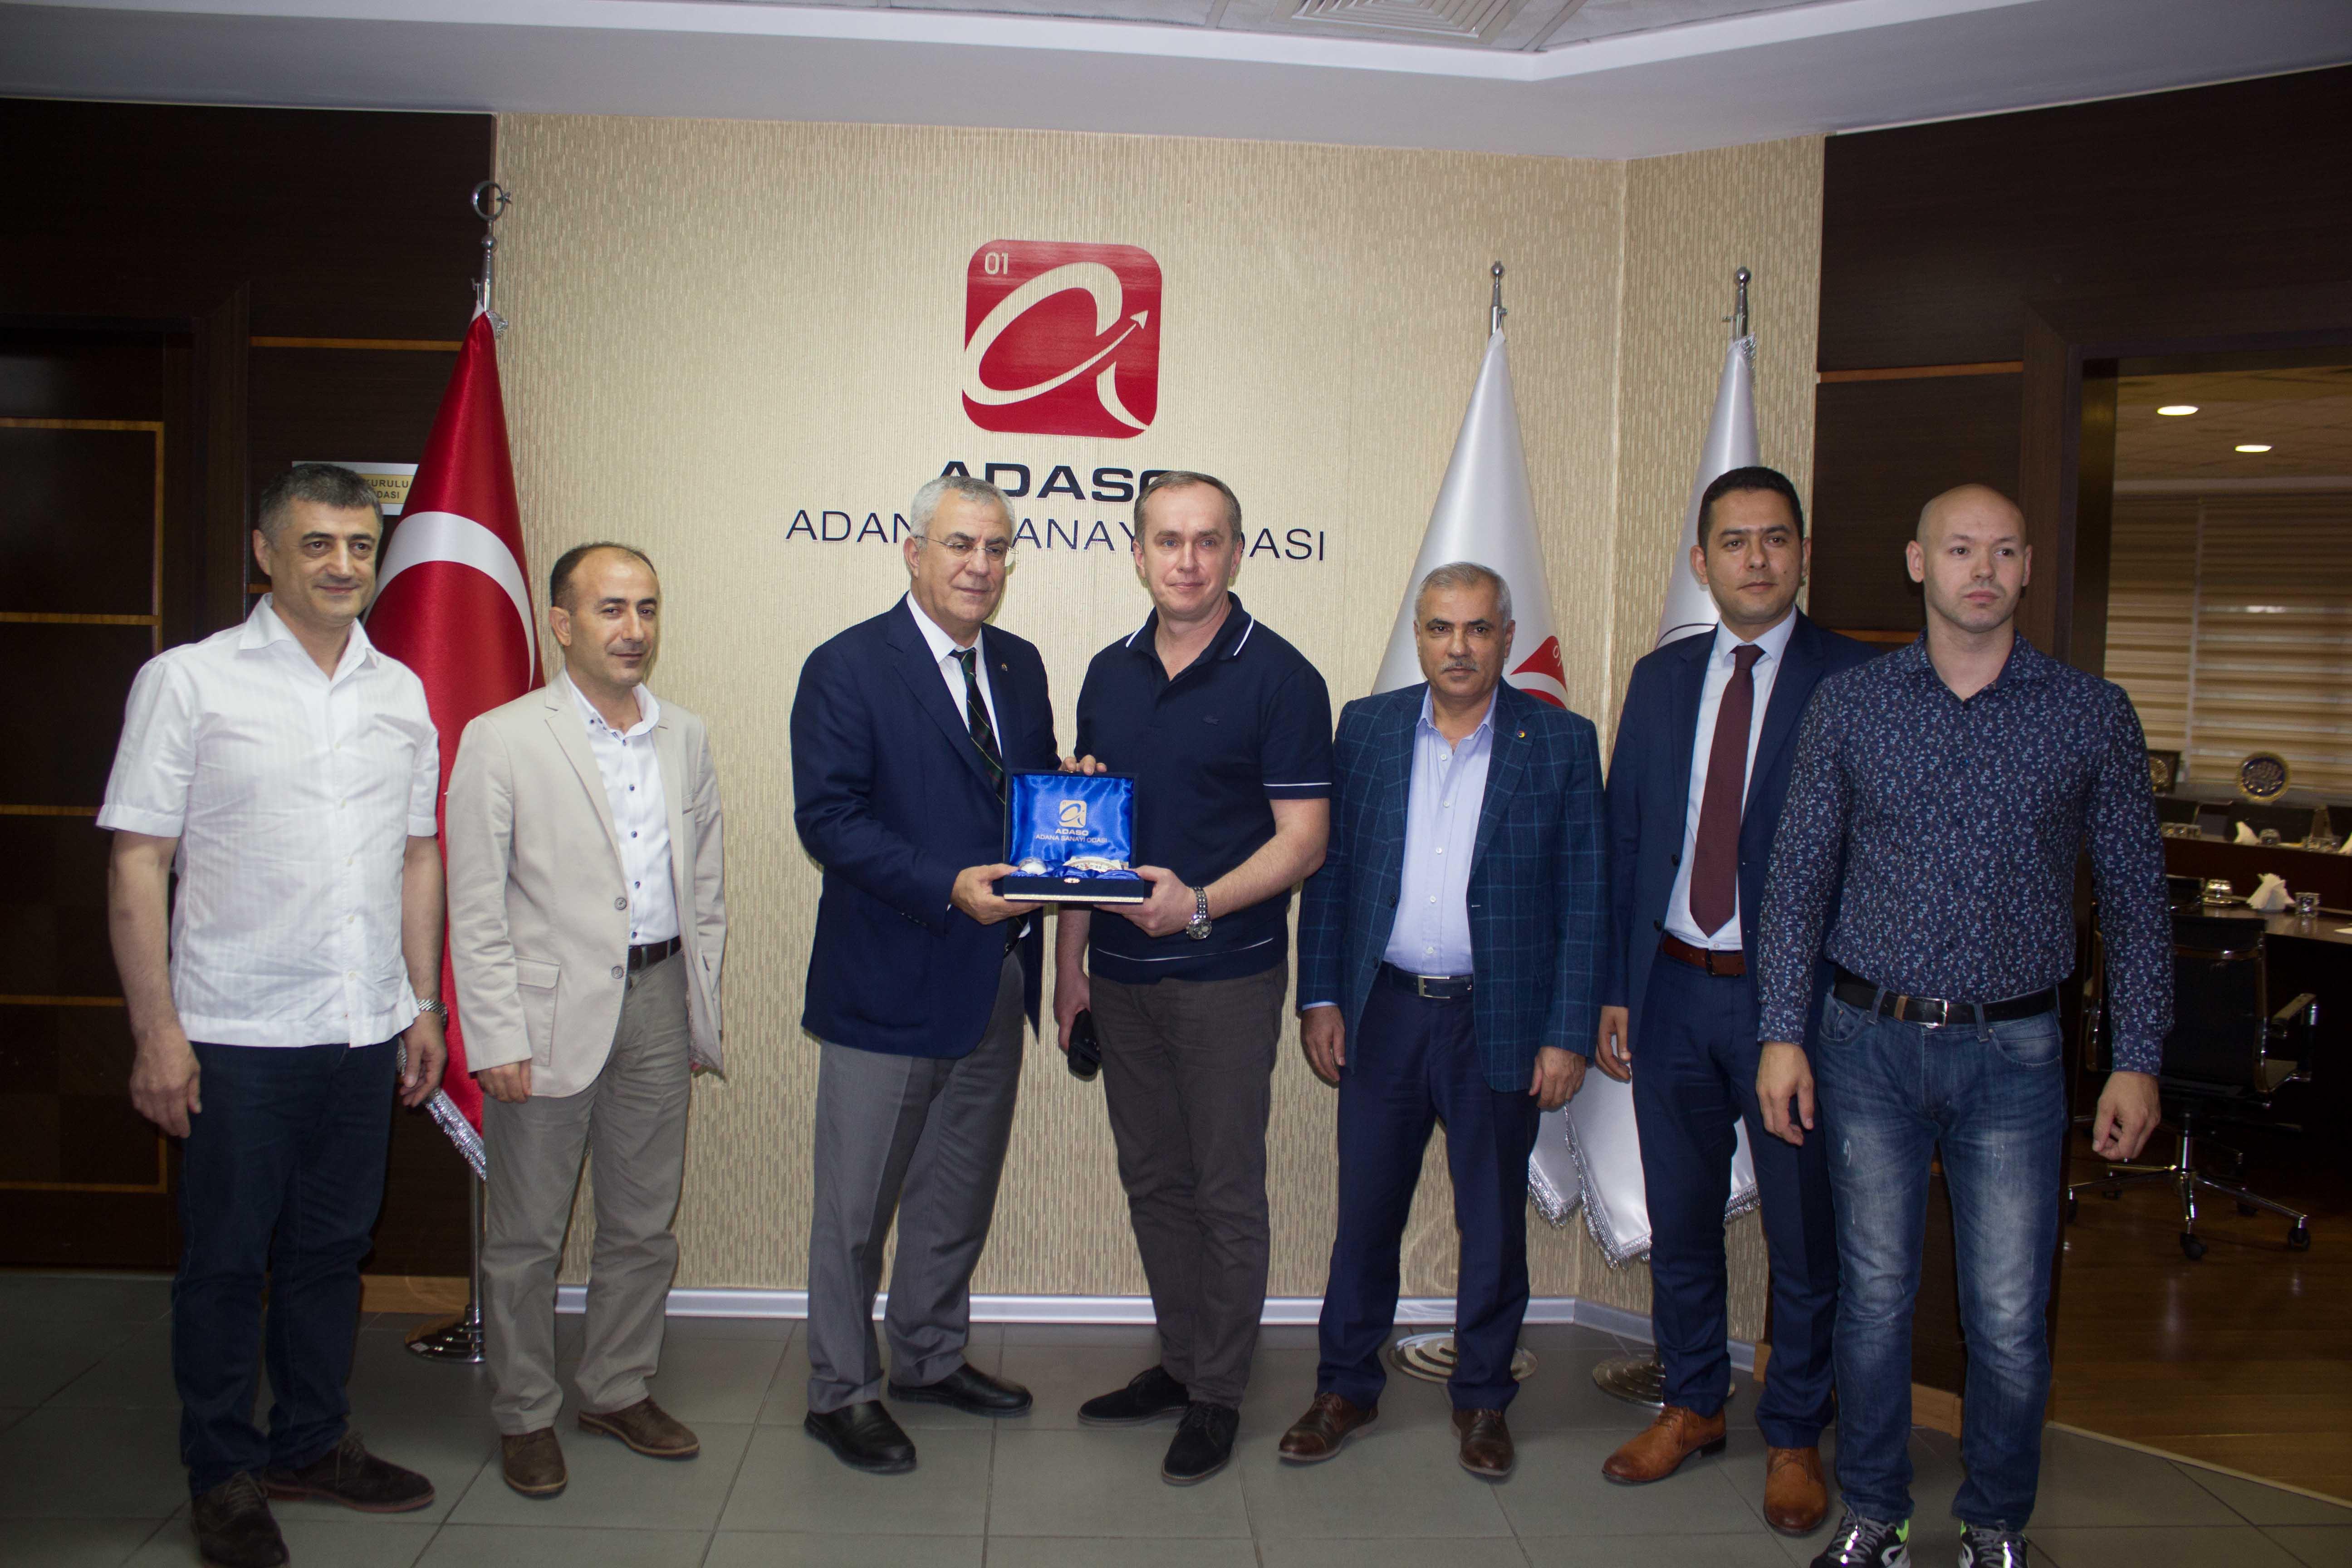 Adana Tekstiline Ruslardan büyük ilgi!